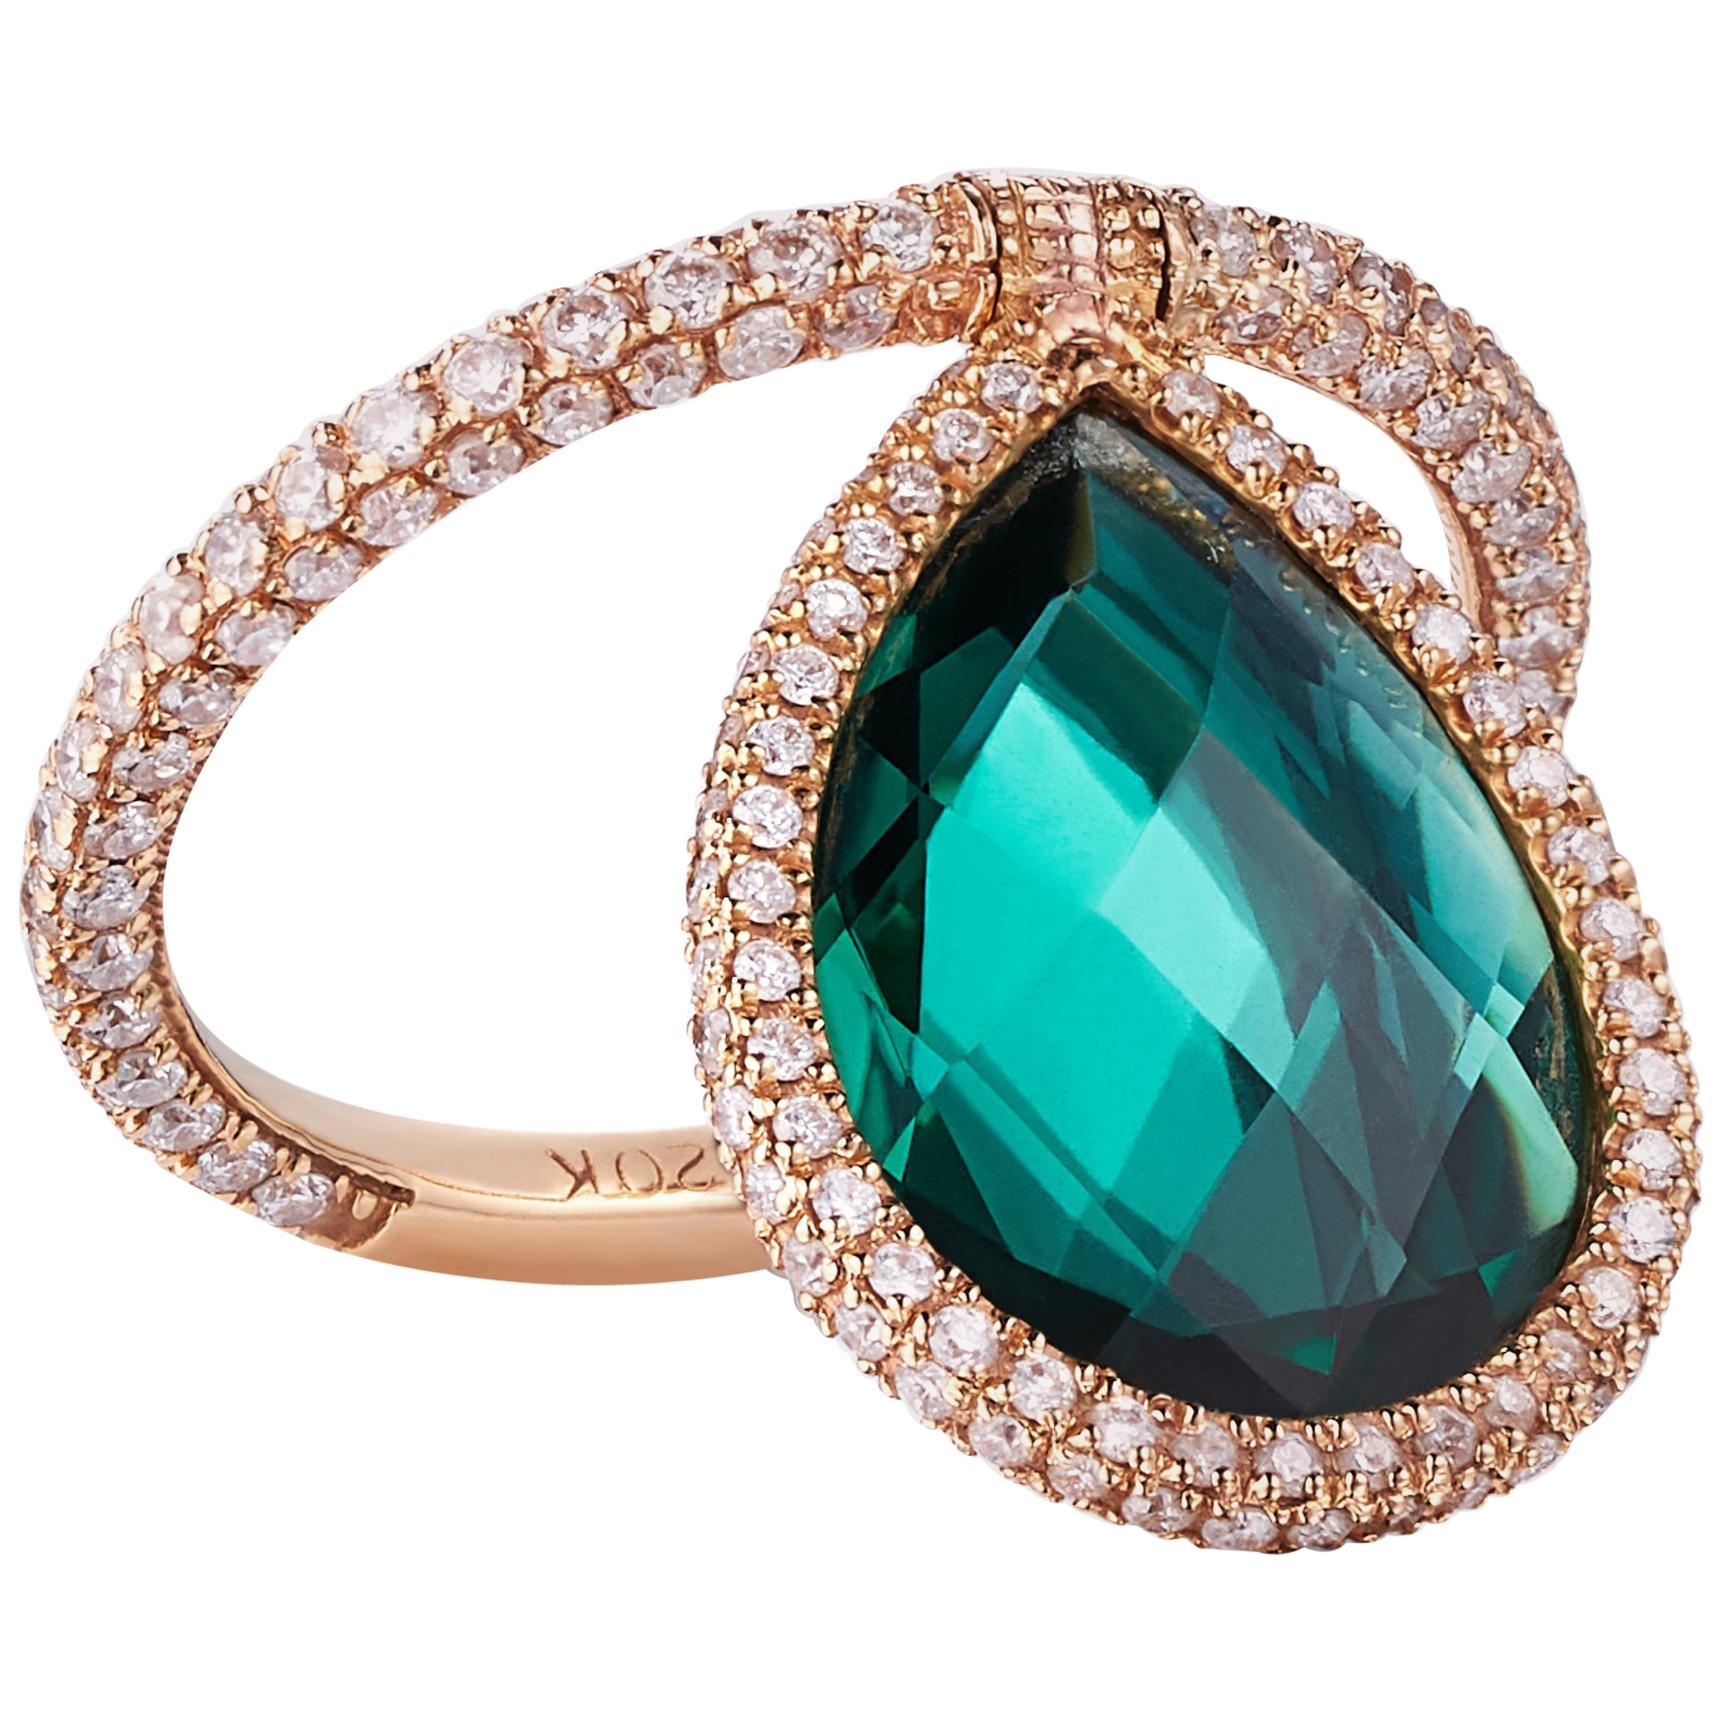 Nina Runsdorf Rose Gold Green Quartz Flip Ring